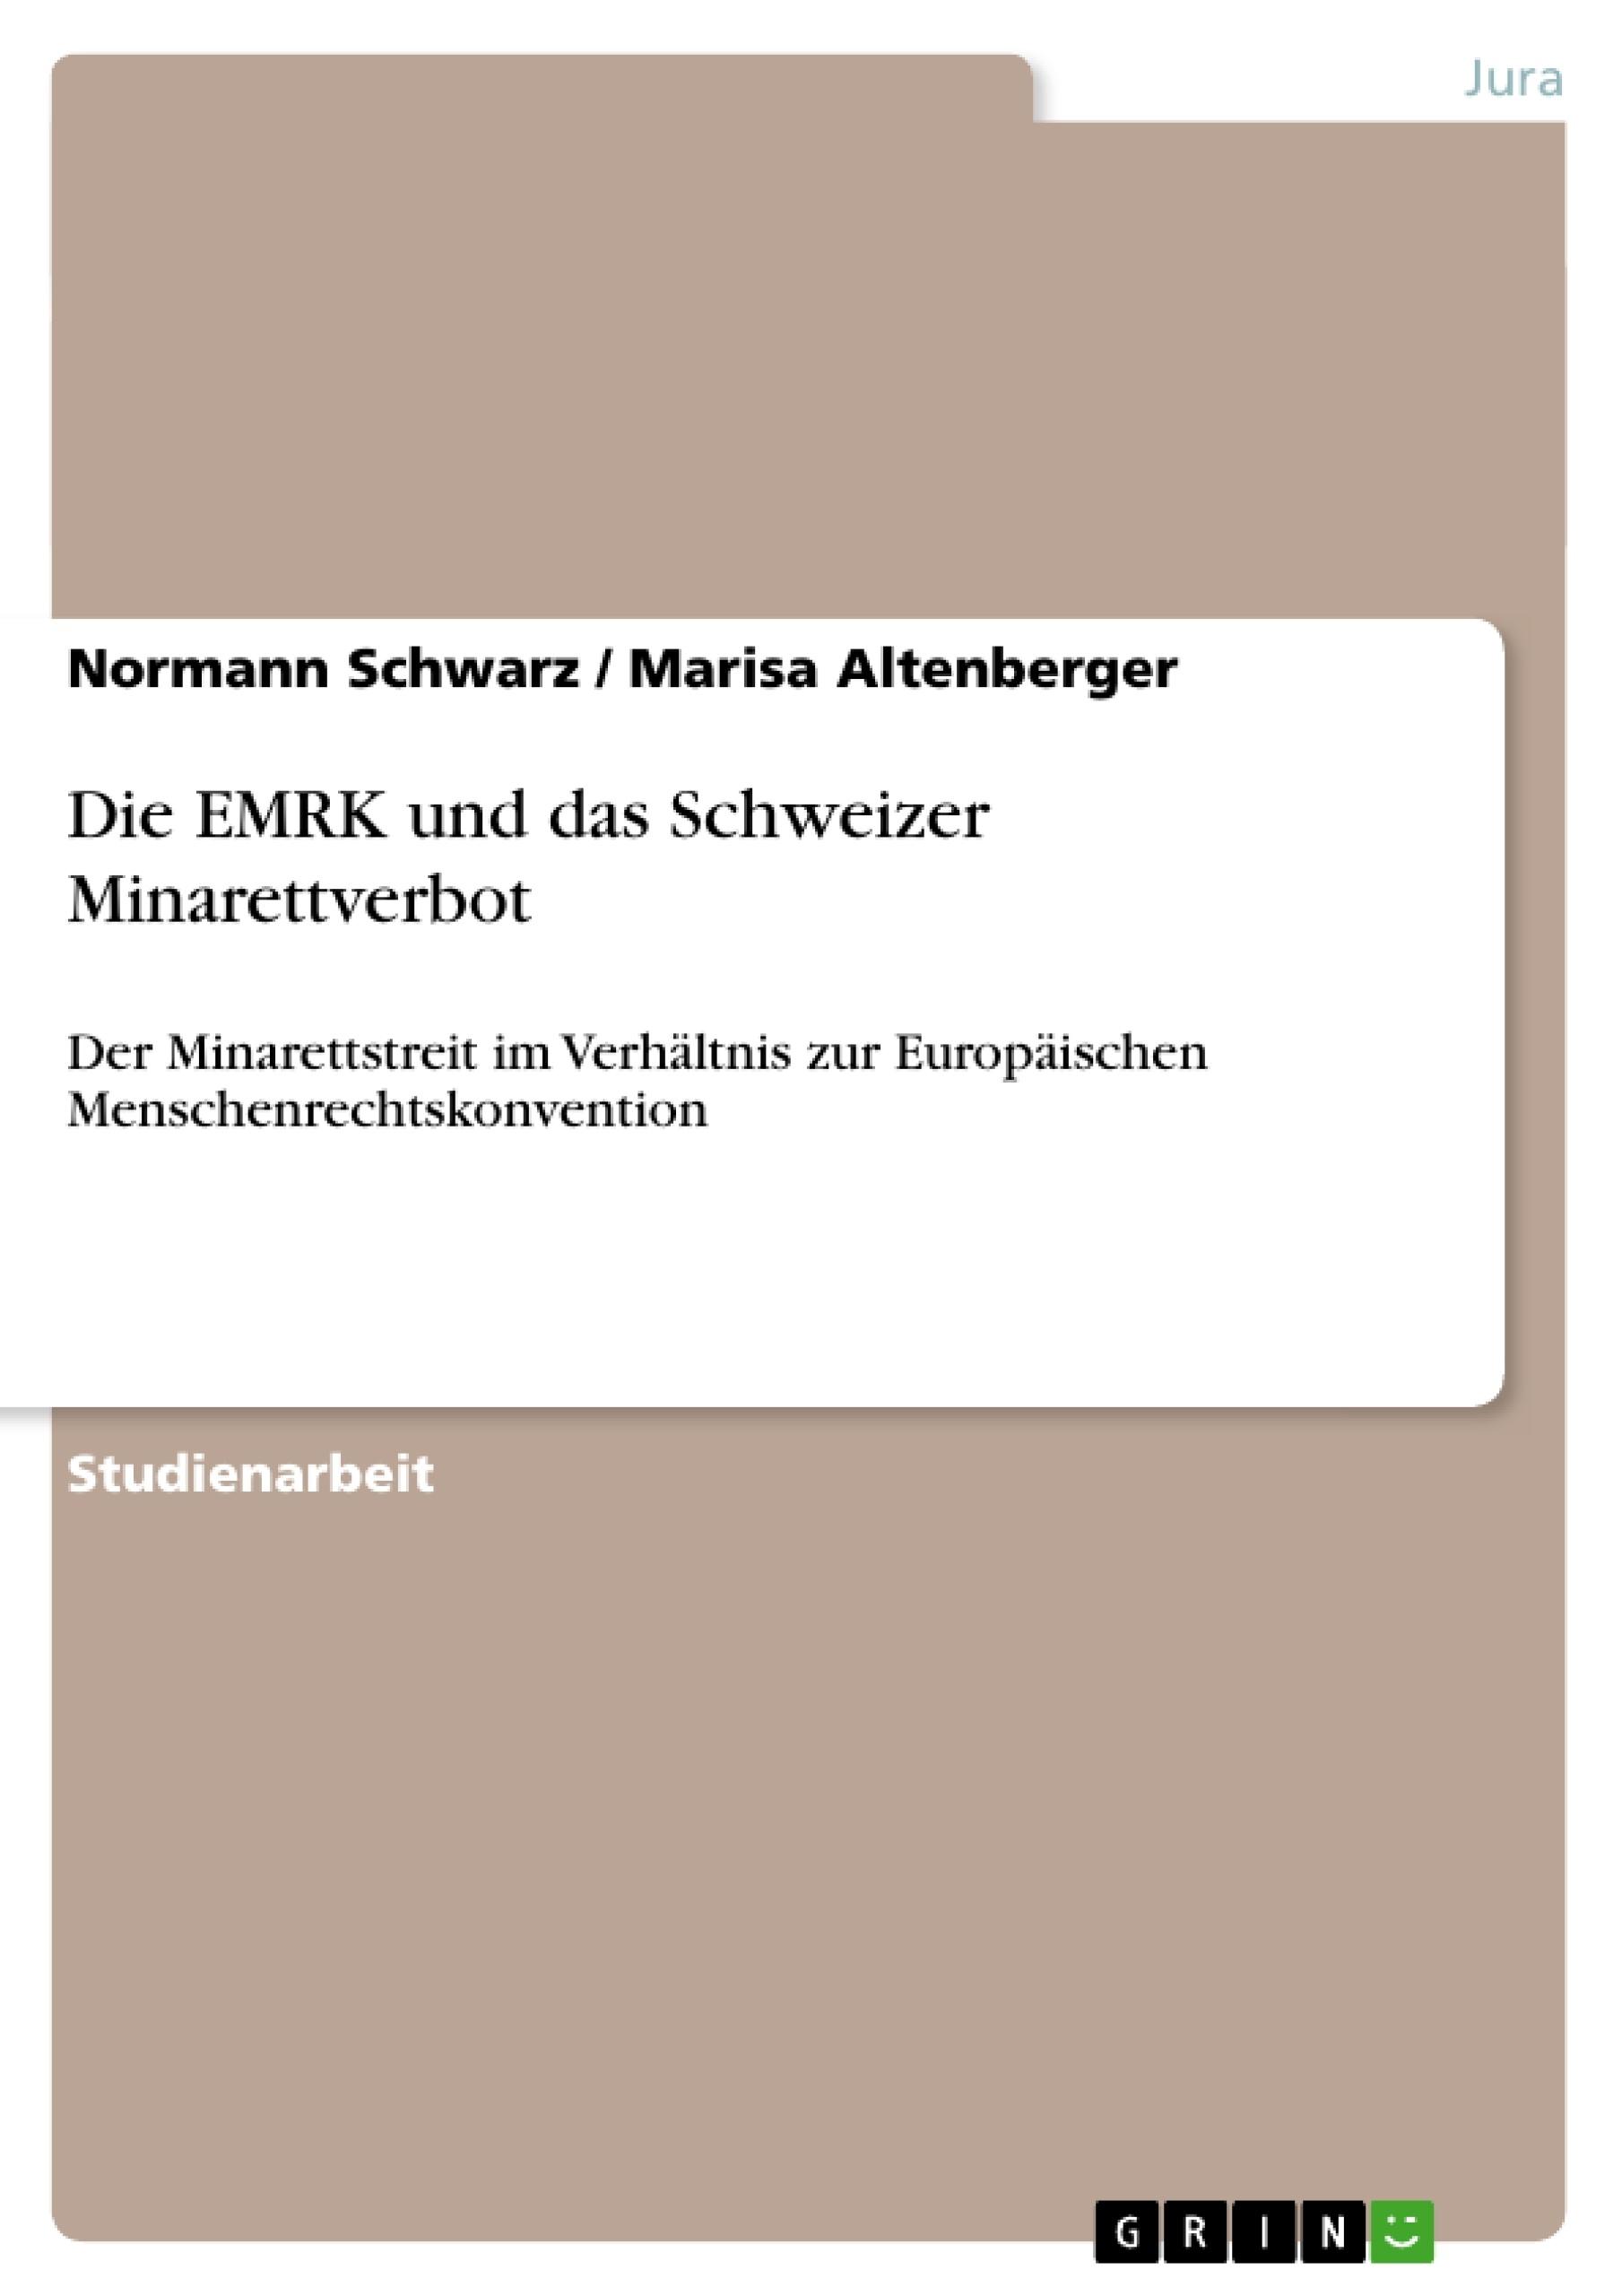 Titel: Die EMRK und das Schweizer Minarettverbot